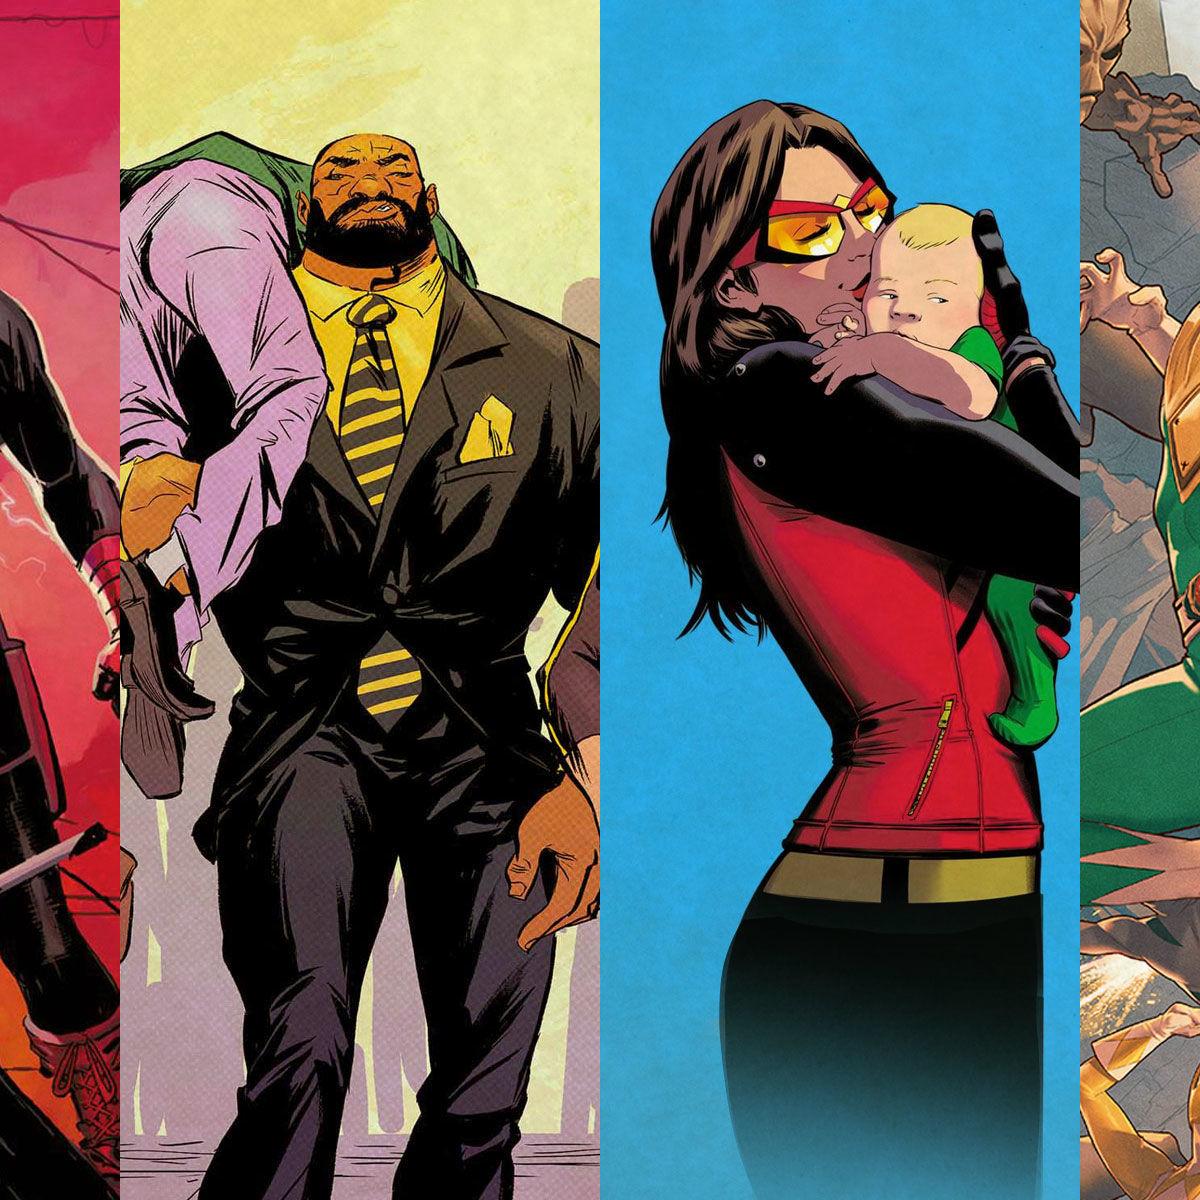 ComicPowerRankings_hero_1920x1200.jpg